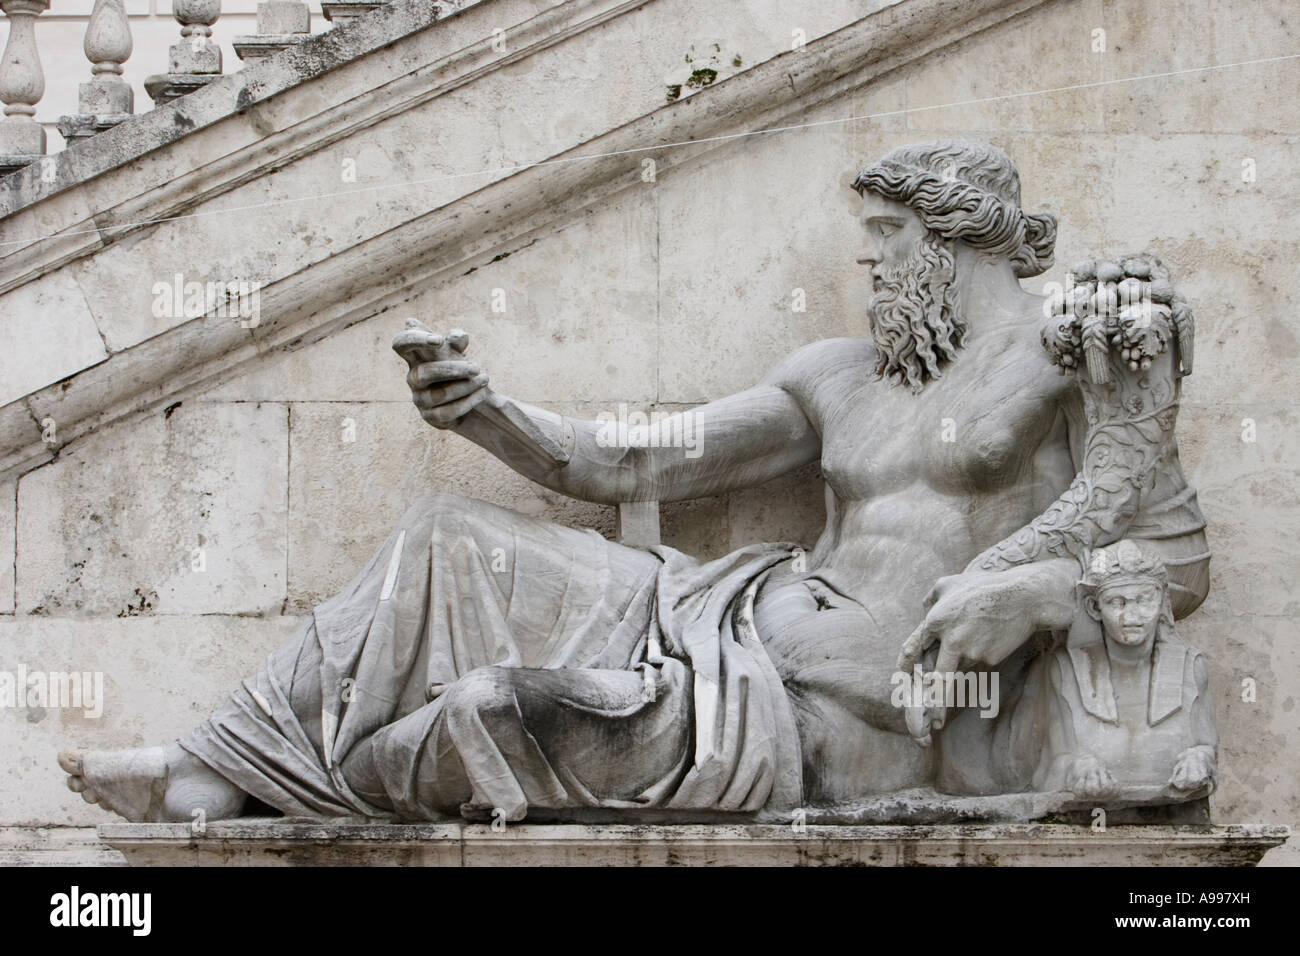 statue of greek god zeus on piazza del campidoglio in rome italy